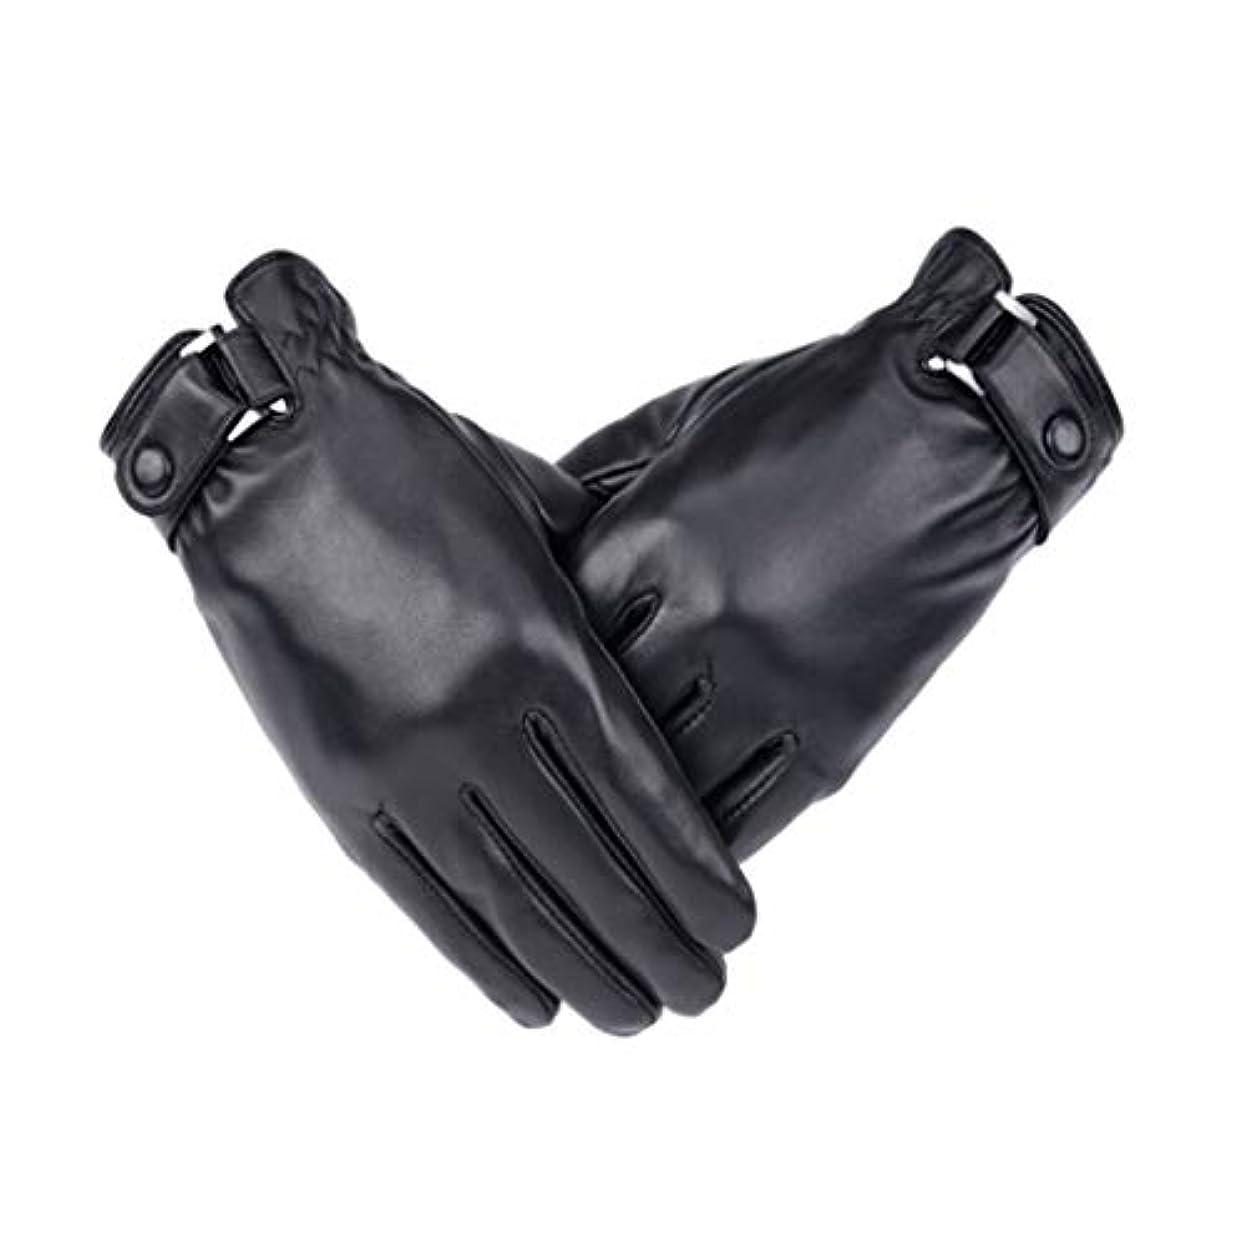 悪用コンパニオン共感する手袋の男性冬プラスベルベット厚手の革手袋暖かいタッチスクリーン羊革手袋ファッションモデルXLコード